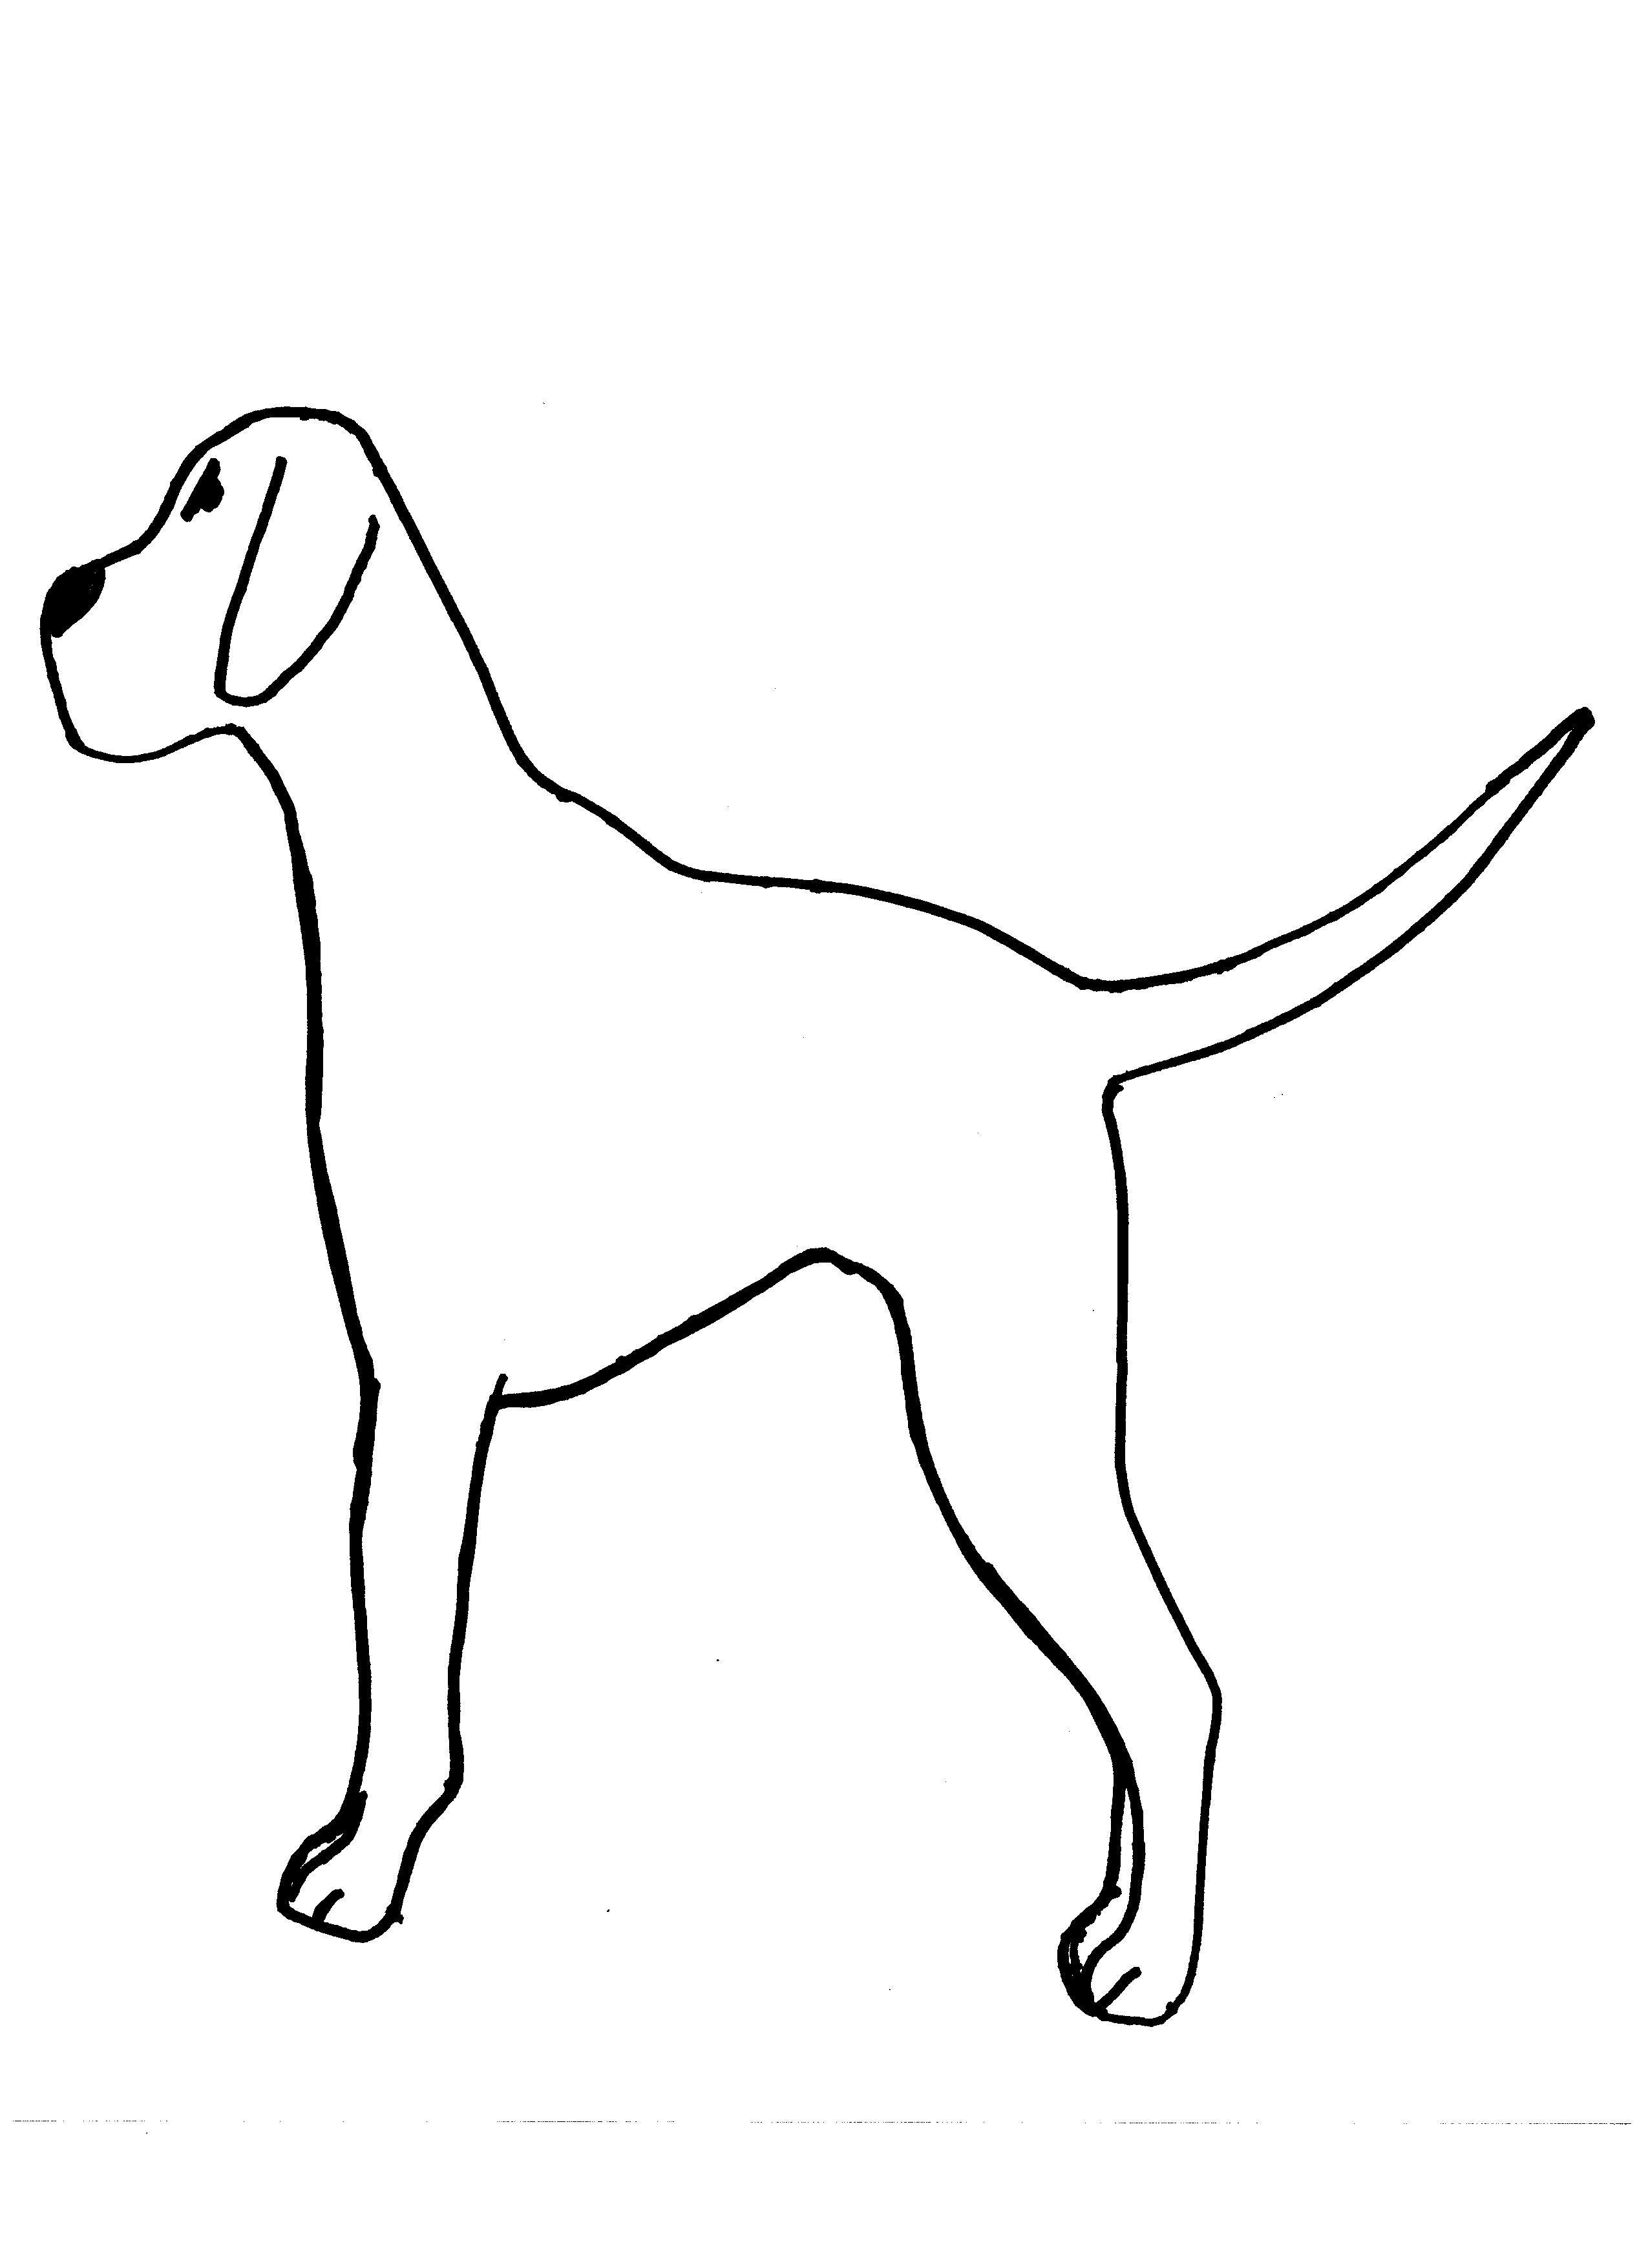 Dog Template For Kids Fingerprint Black Dots On Dalmation Dog